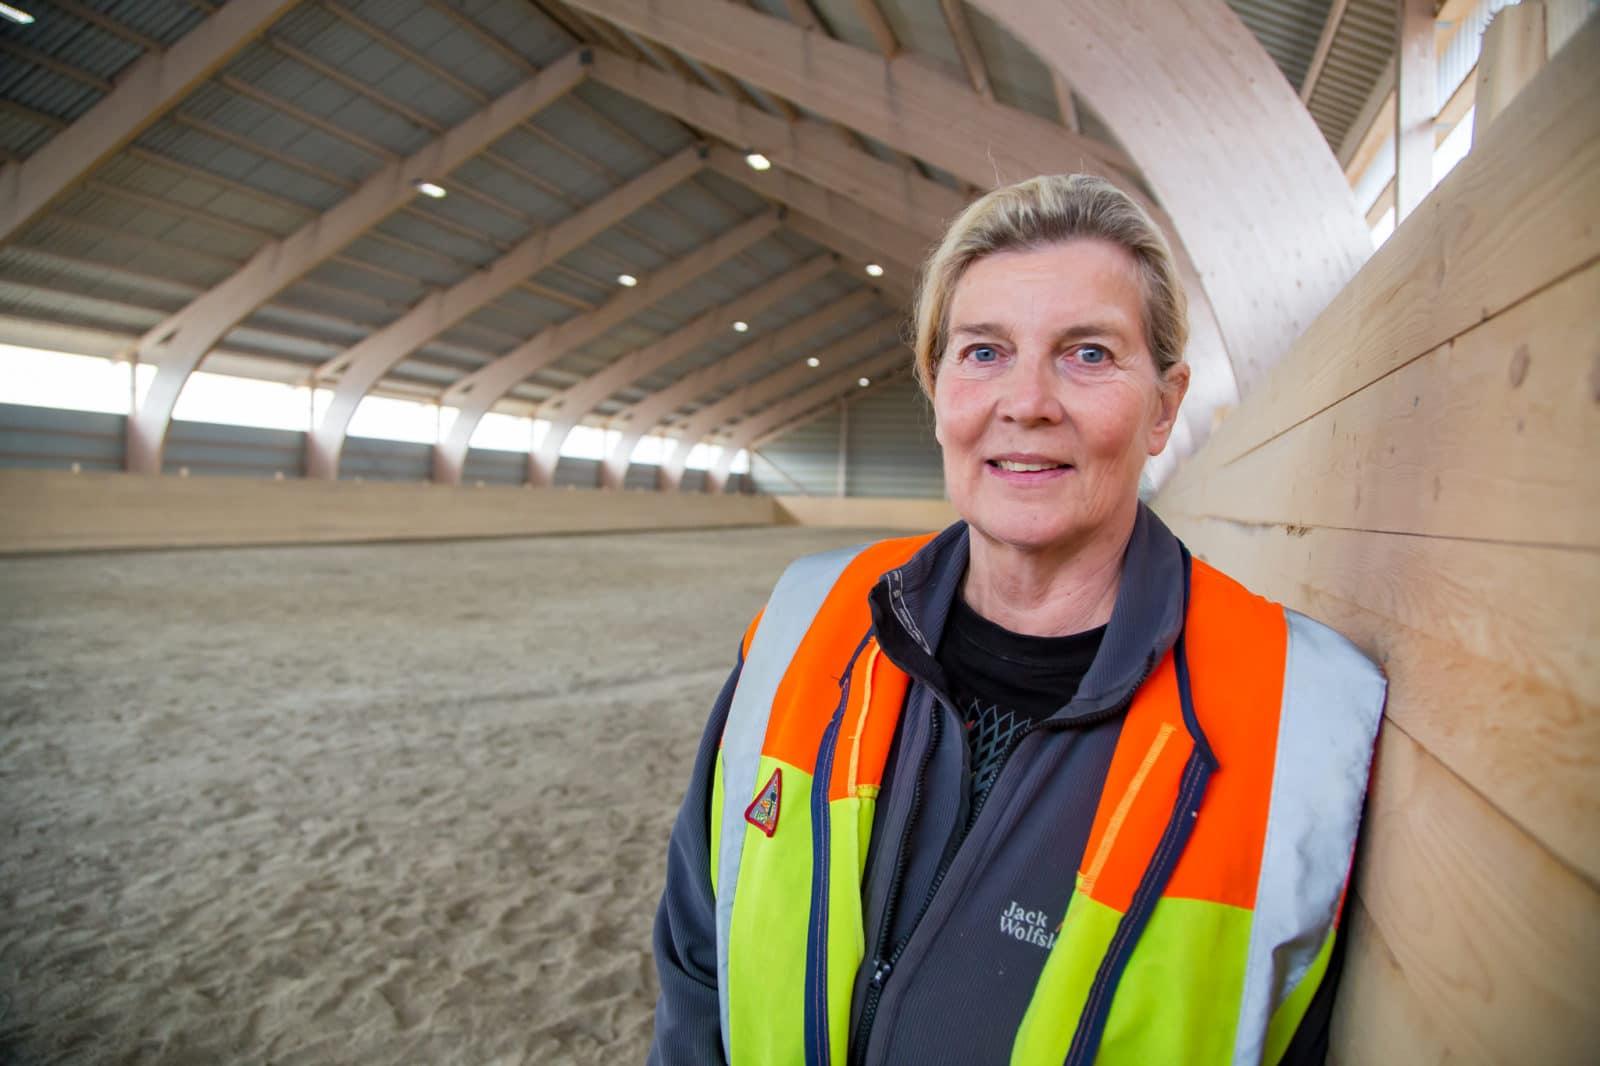 Kerstin Yman från Svegs ryttarförening tilldelas Eldsjälspris. Foto: Morgan Grip